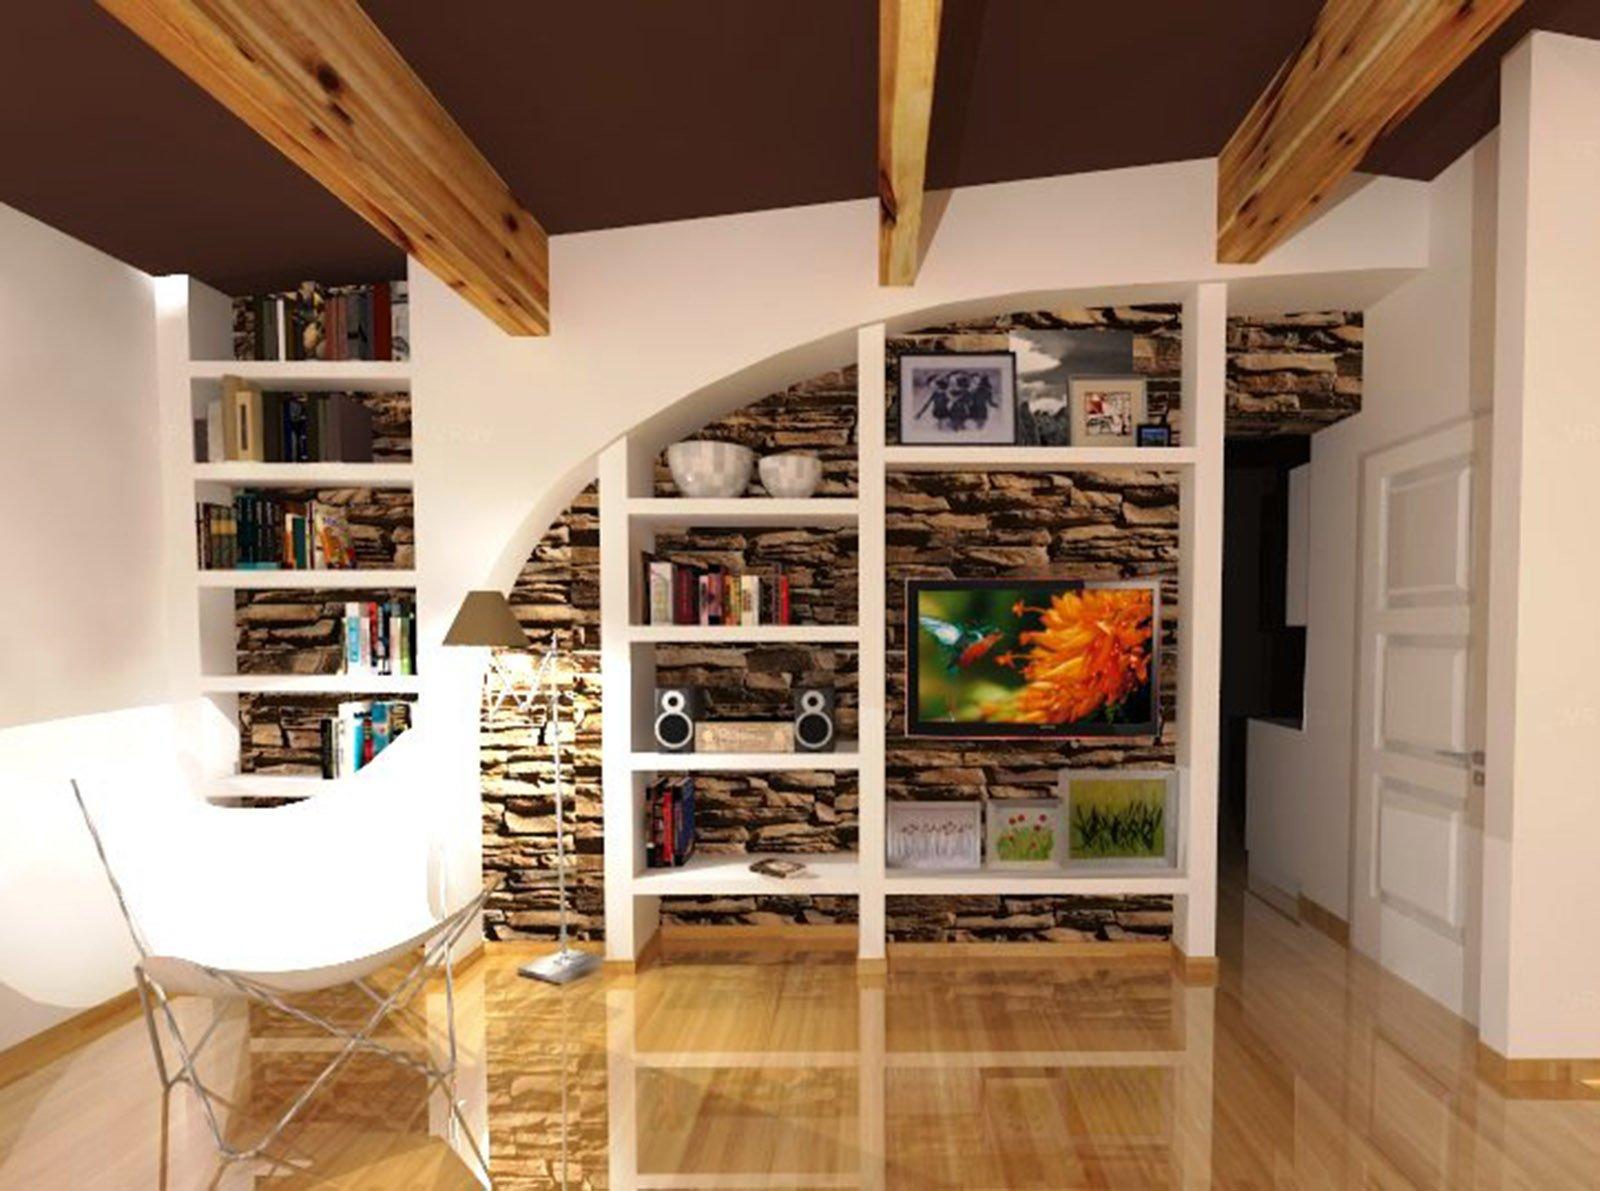 Come attrezzare una parete irregolare con libreria e tv cose di casa - Libreria a parete ...